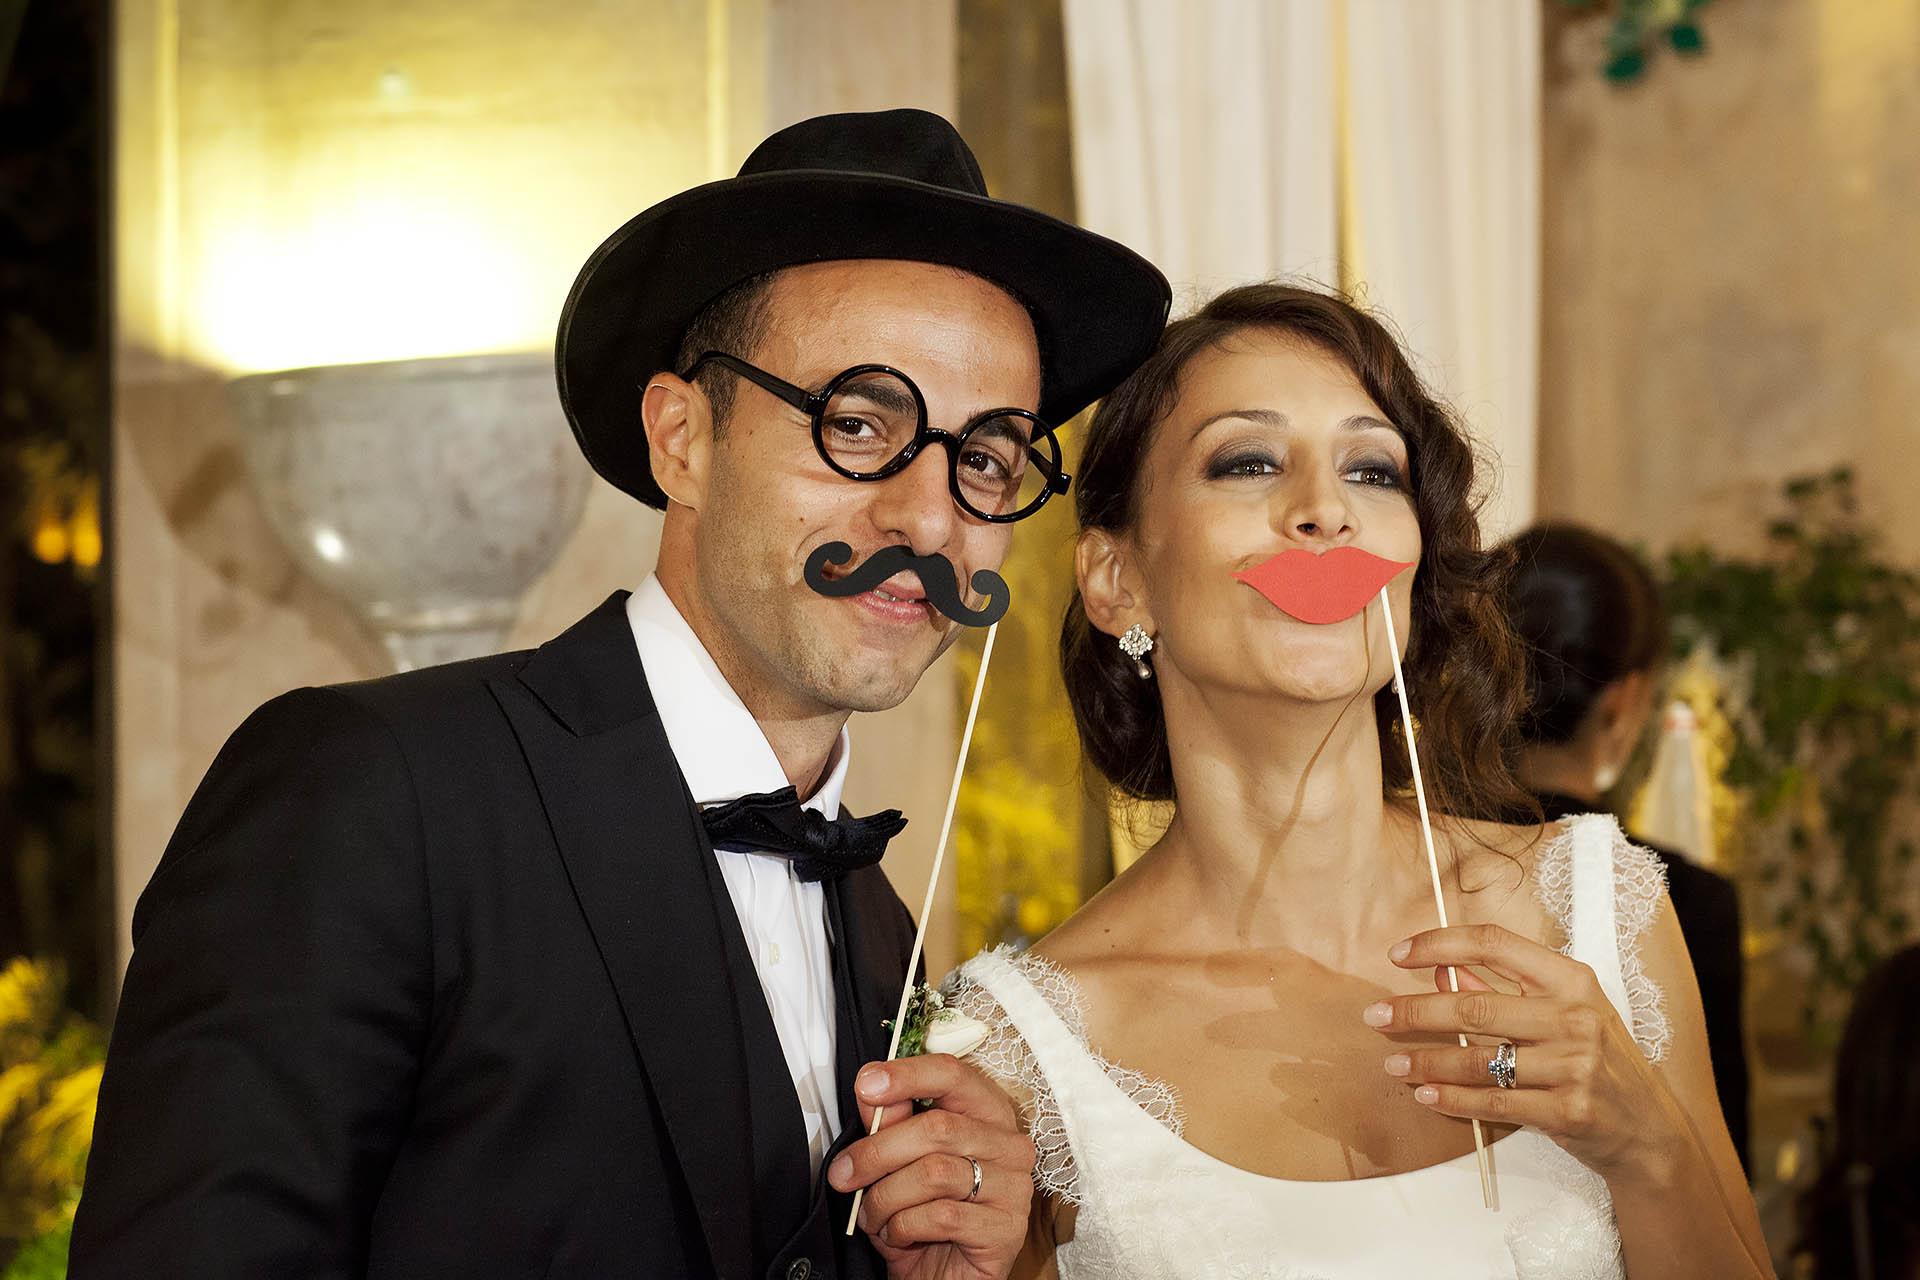 Fotografo un Matrimonio stile anni 30 a Taormina